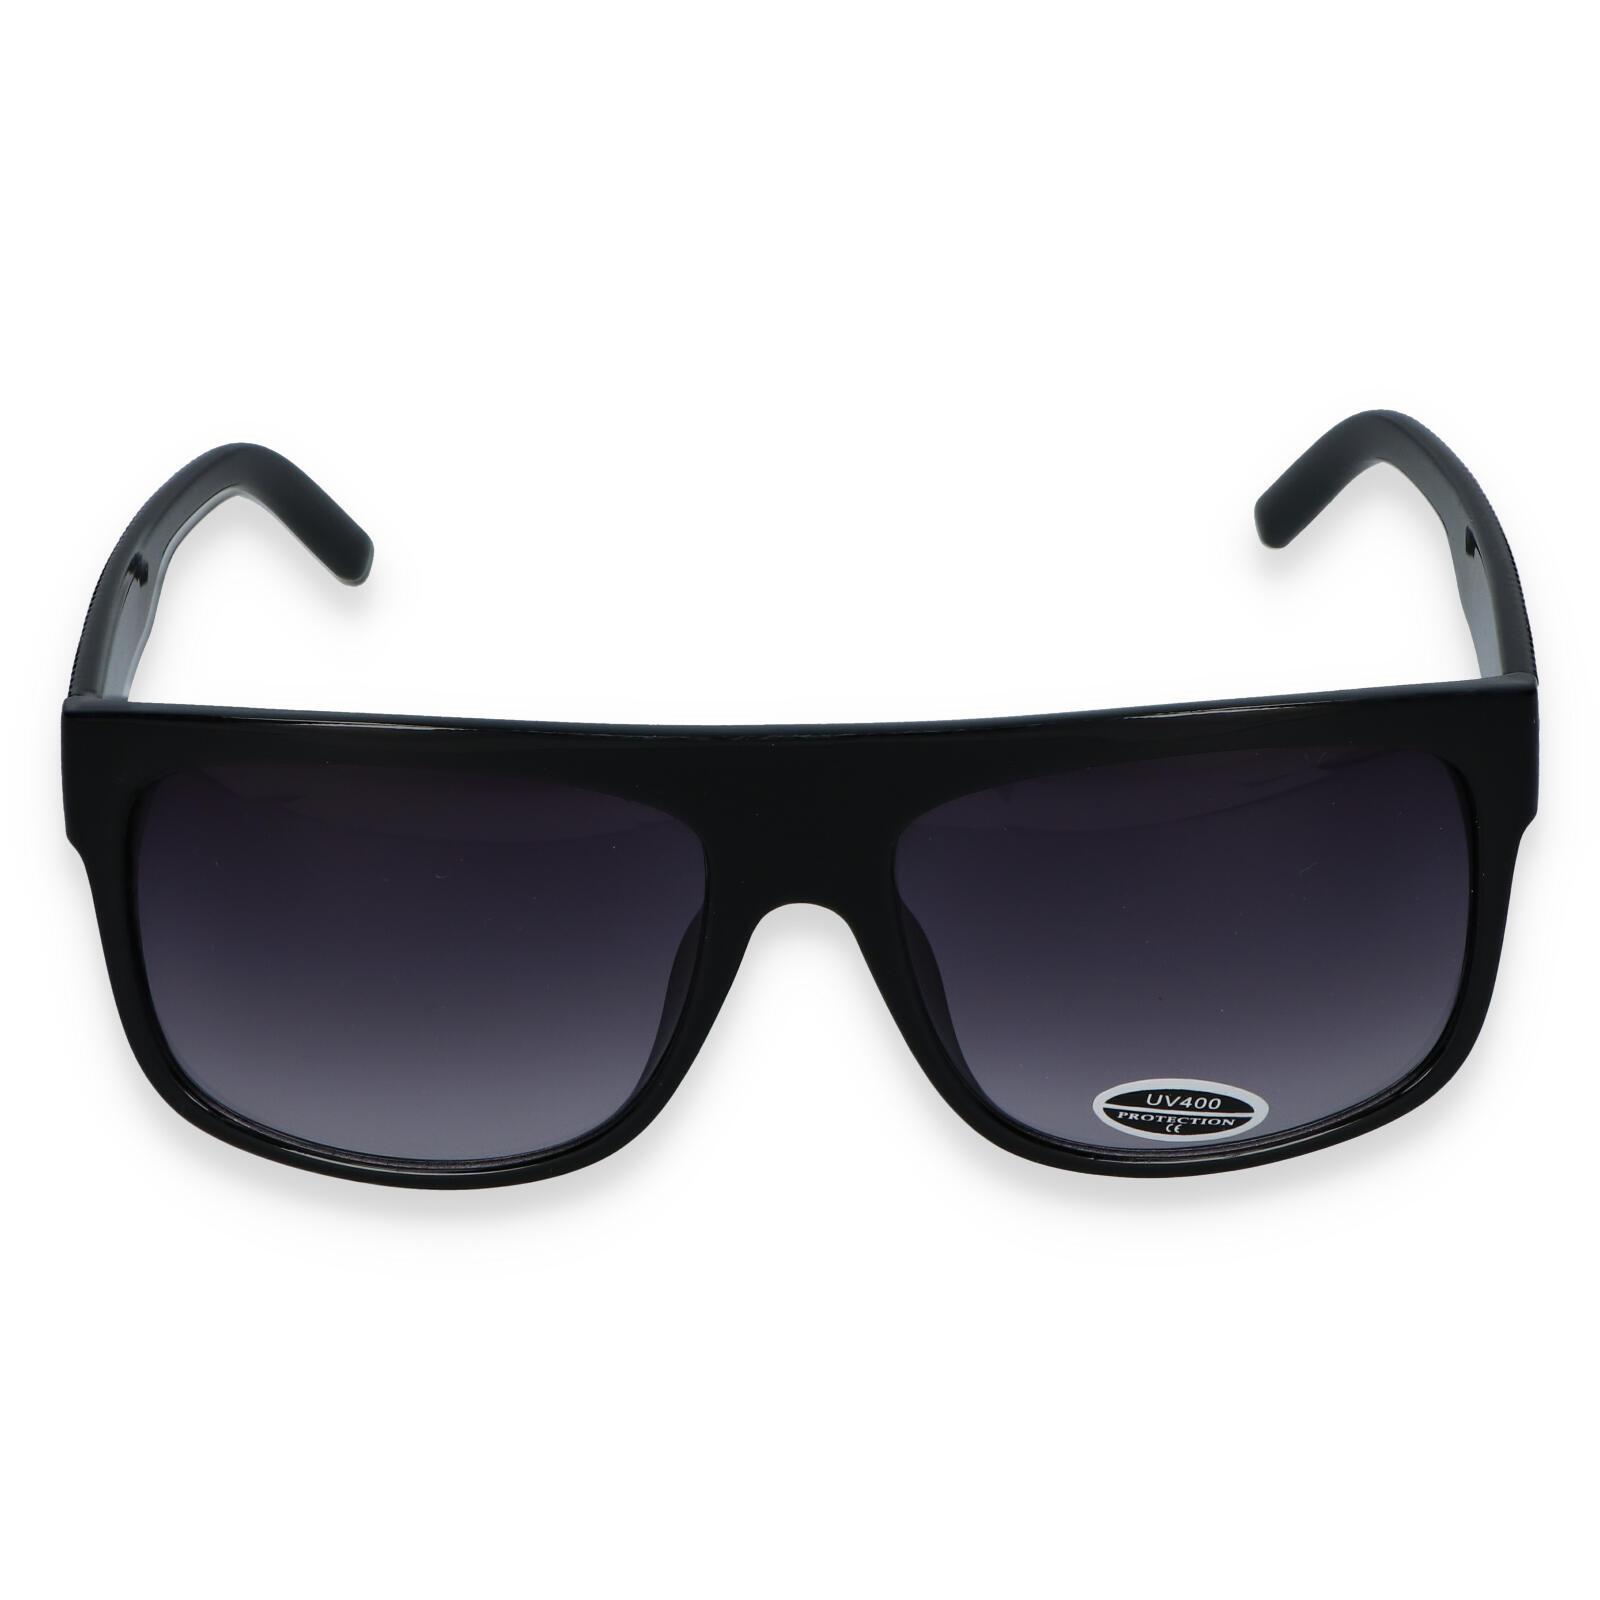 Dámske slnečné okuliare čierne - S2103